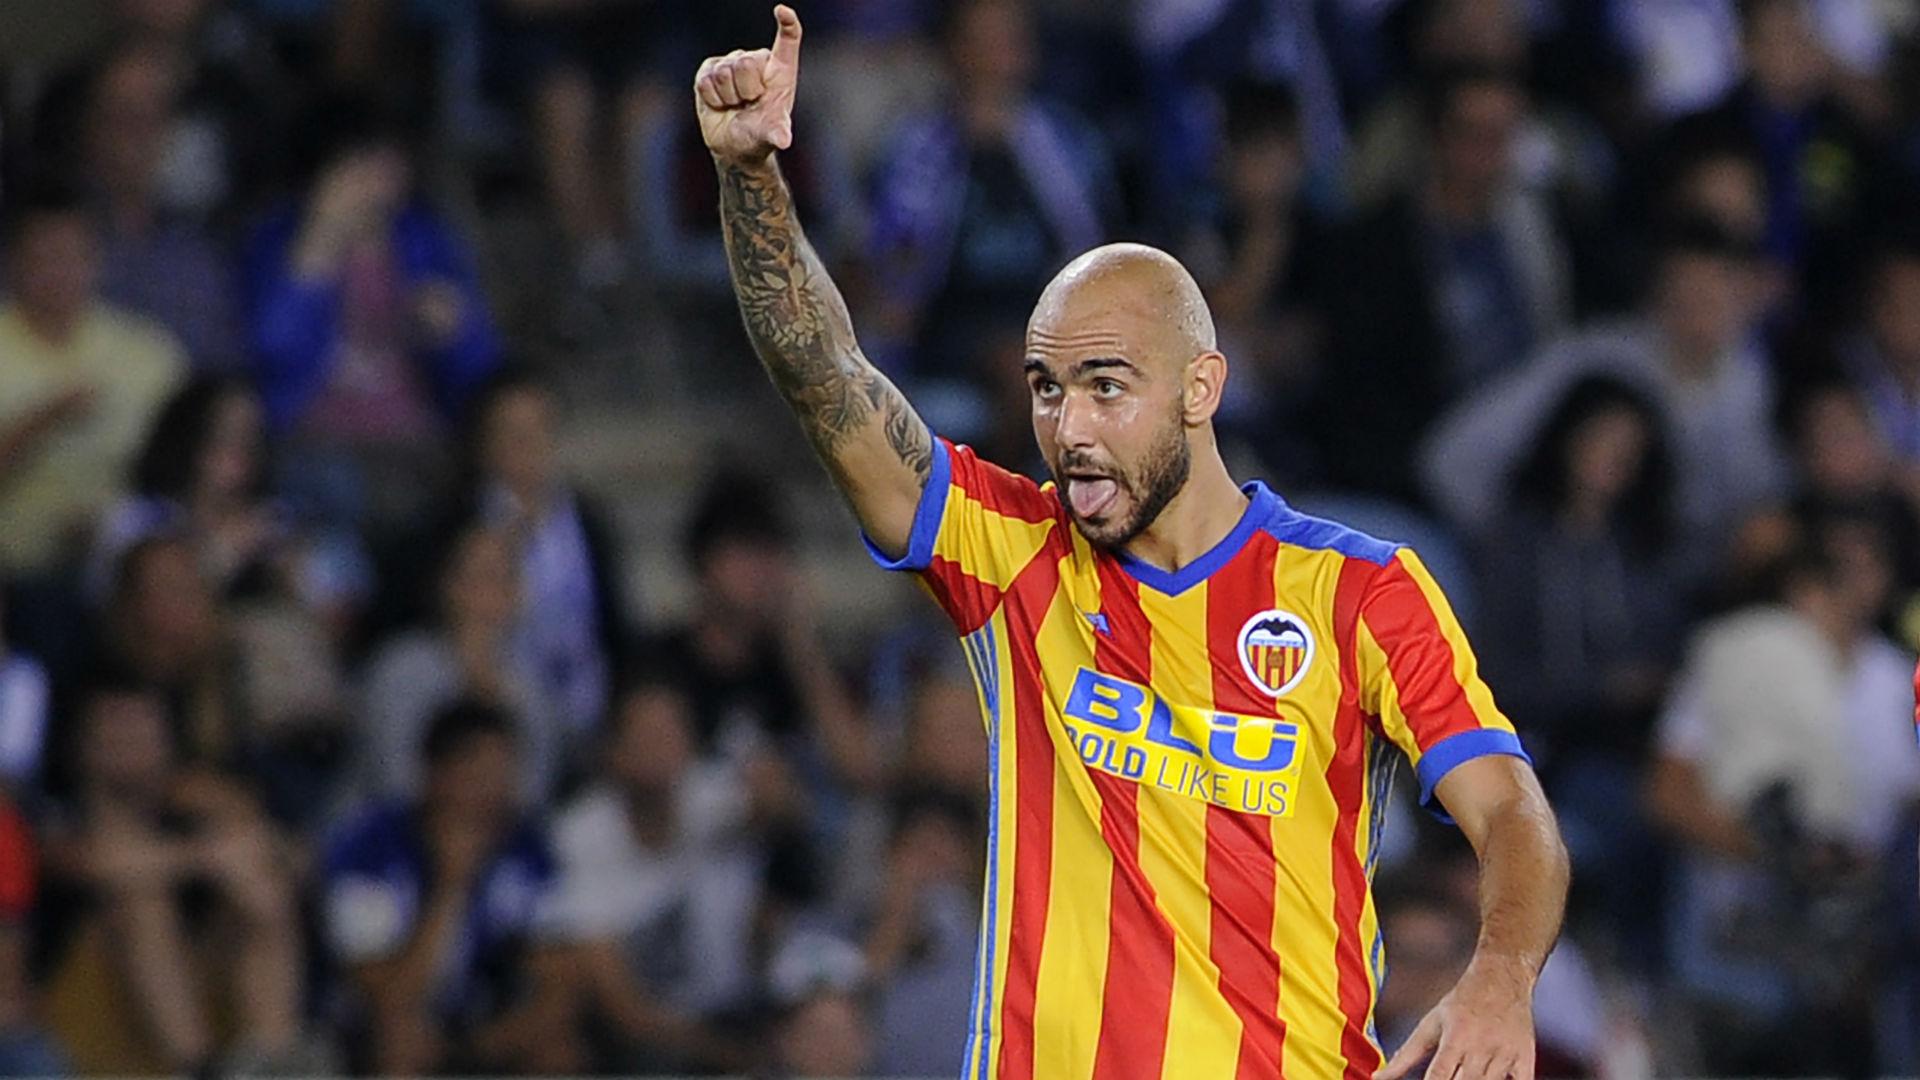 Nazionale, Zaza riconquista l'azzurro: strepitoso inizio di stagione con il Valencia